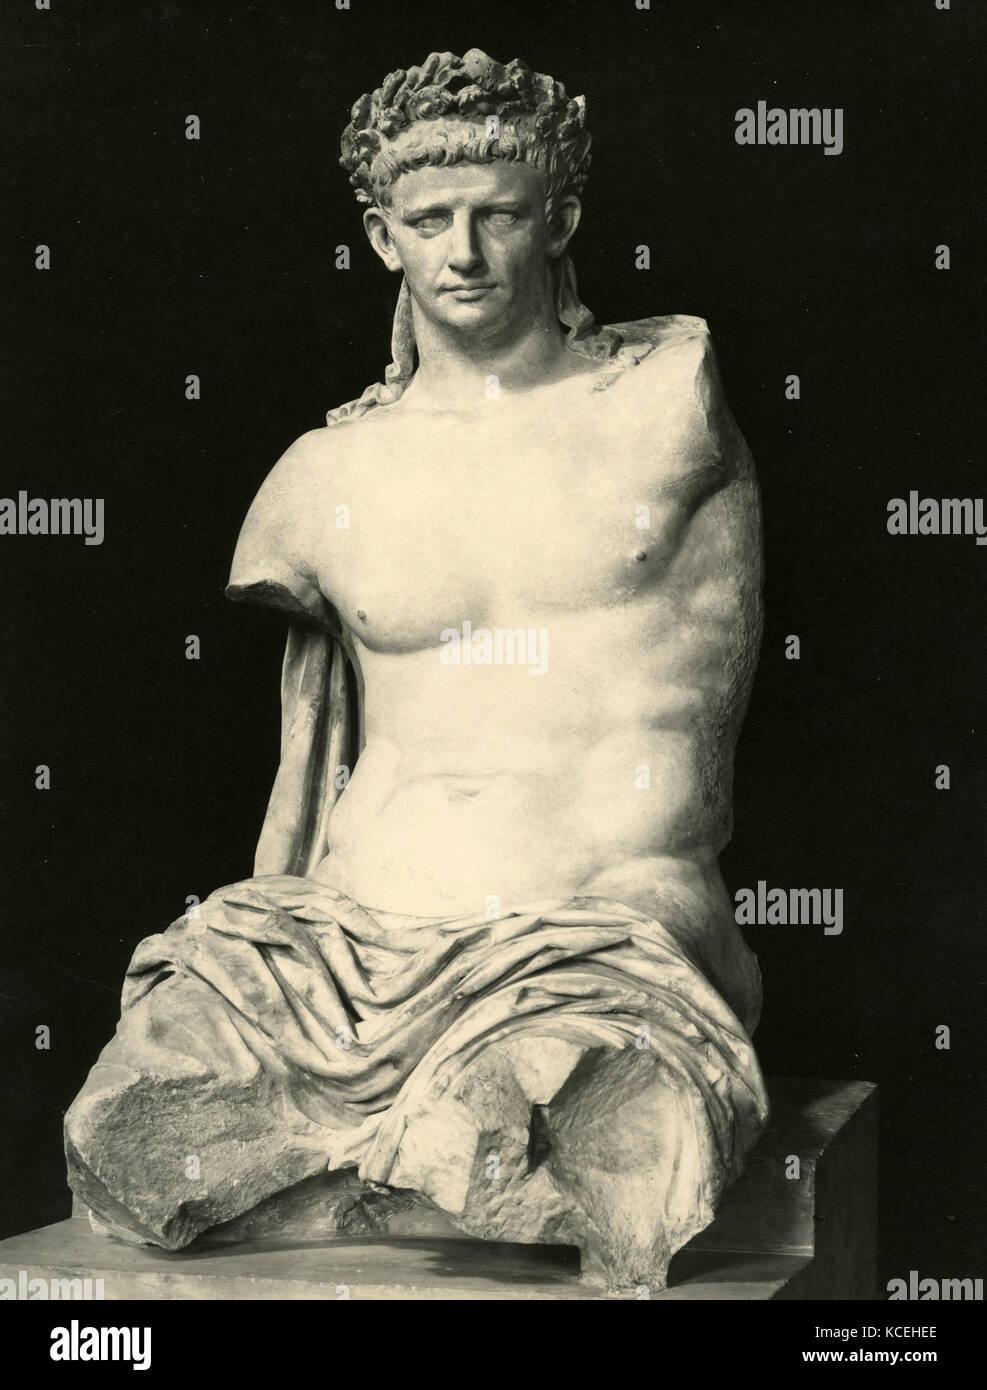 Claudius Roman emperor, marble statue - Stock Image